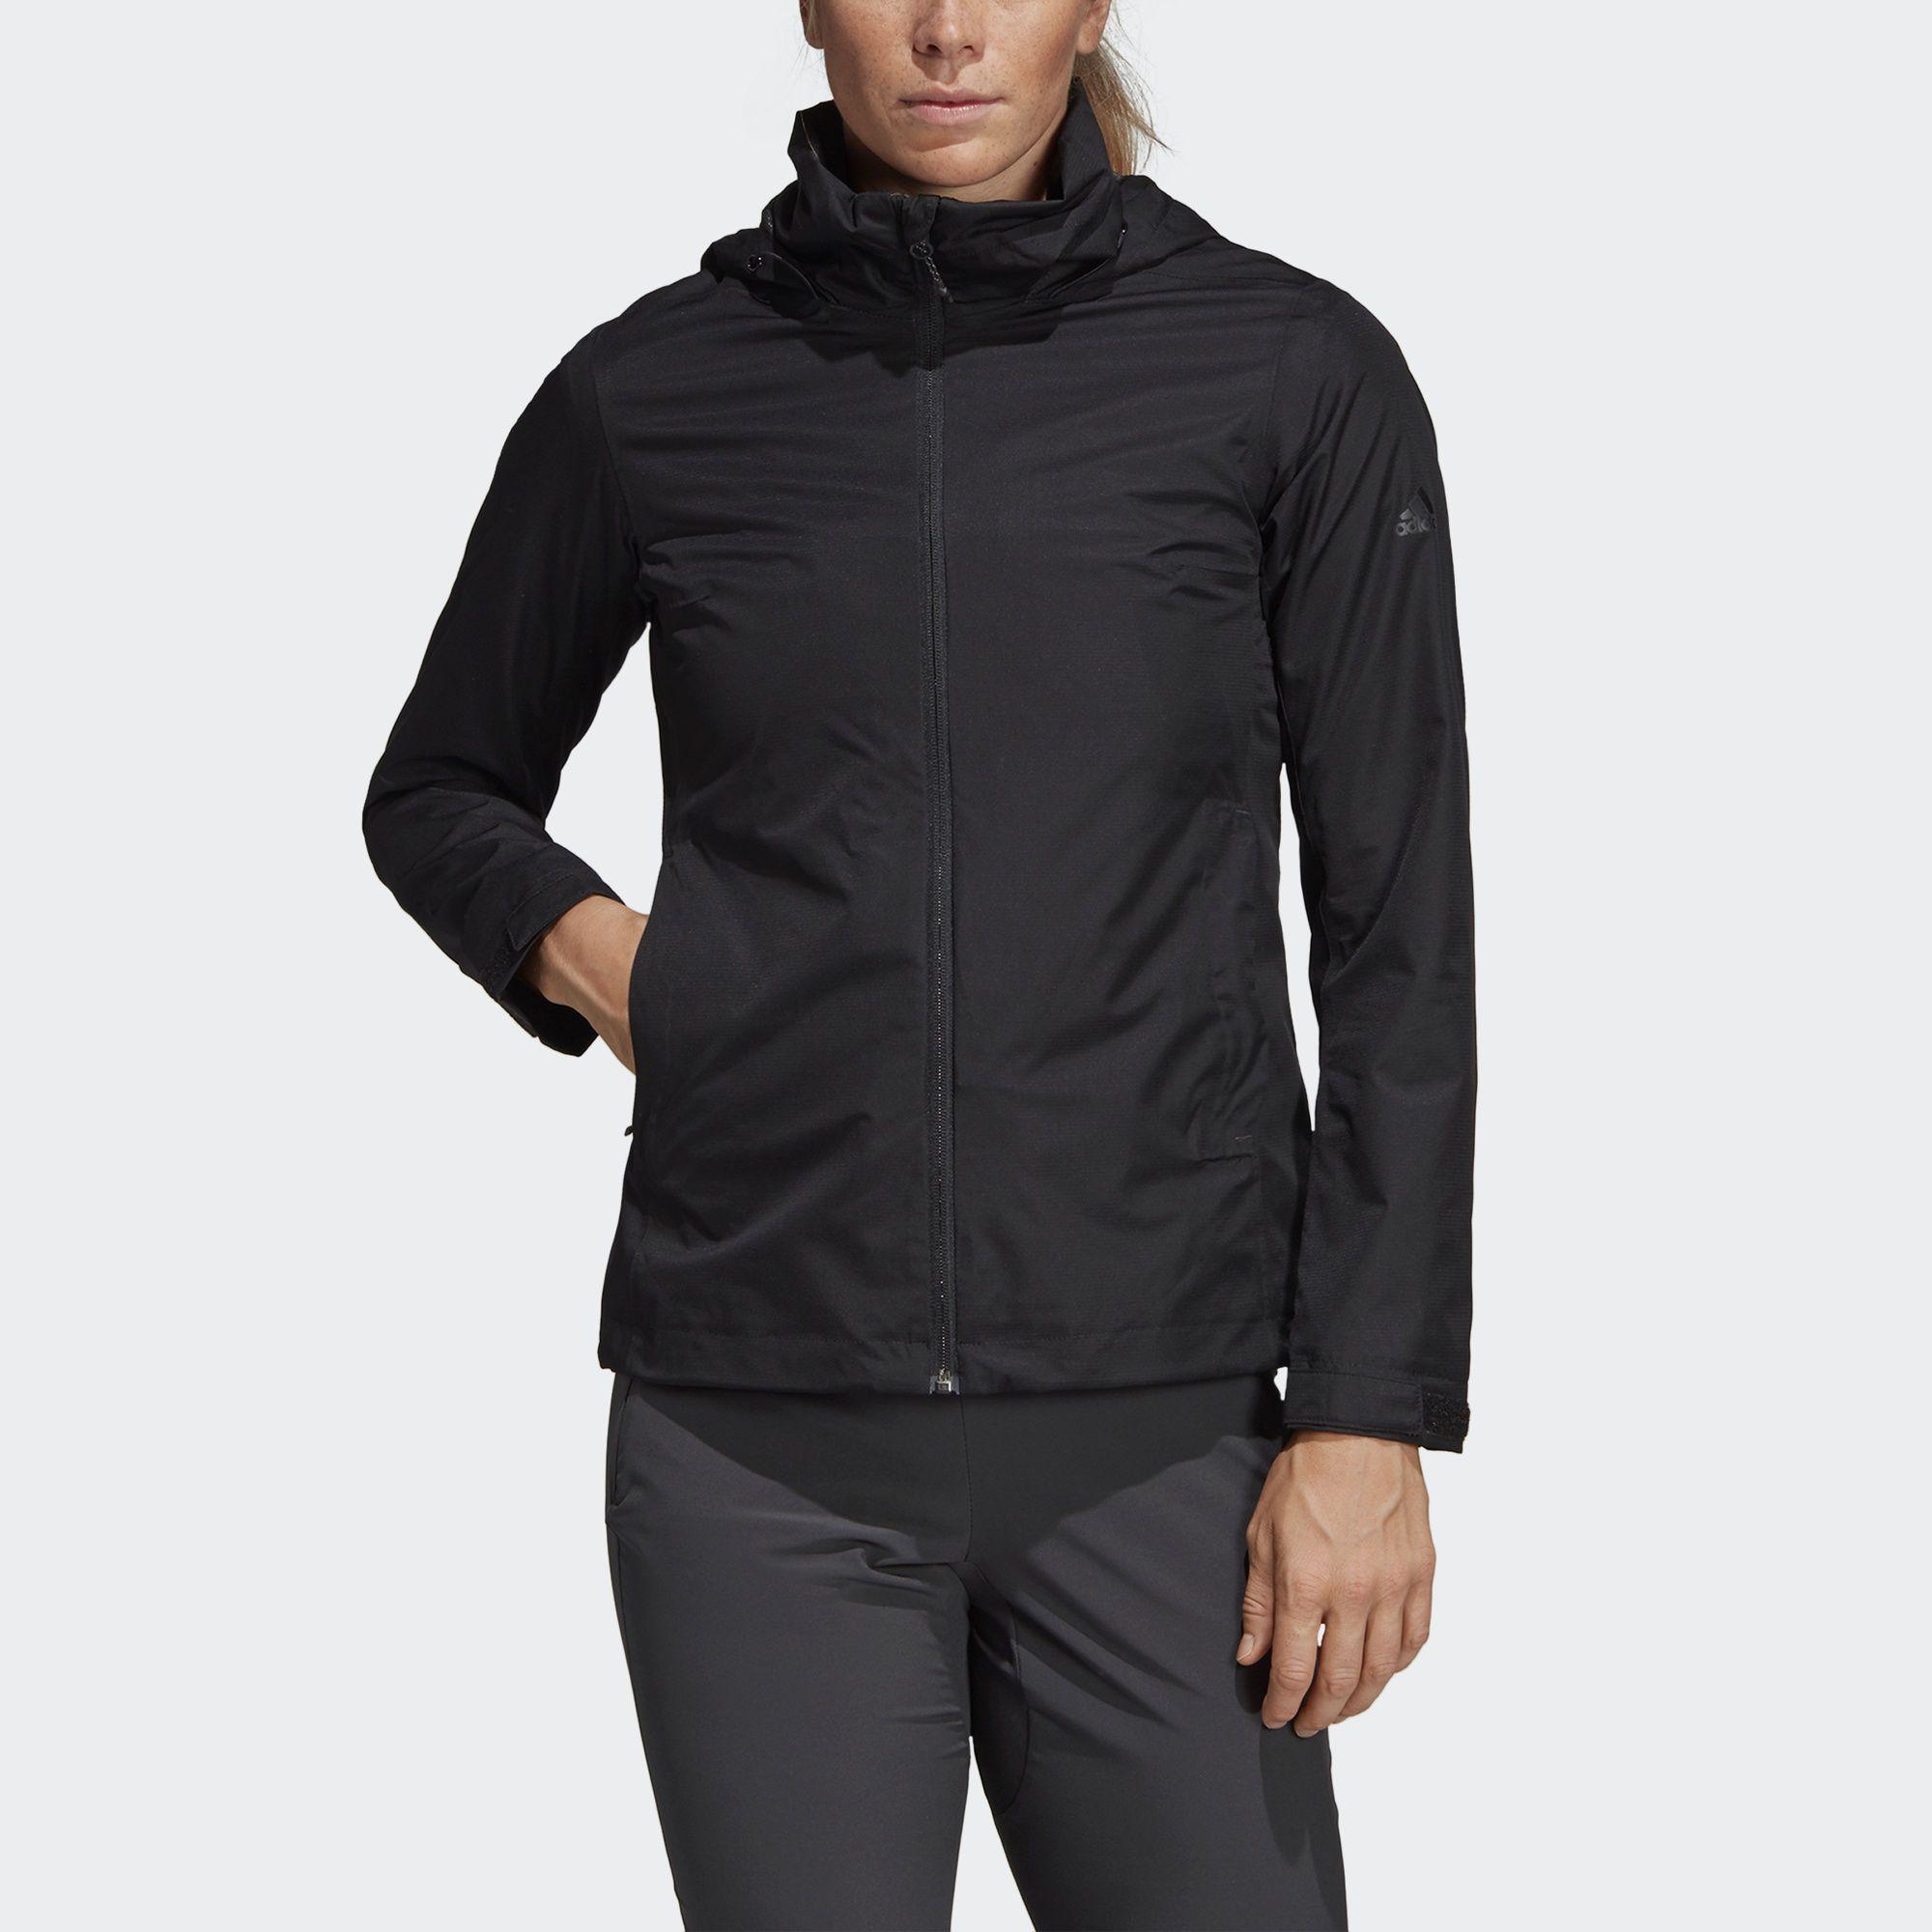 Двухслойная куртка Wandertag adidas Performance   Женская одежда ... 699750e4fe3